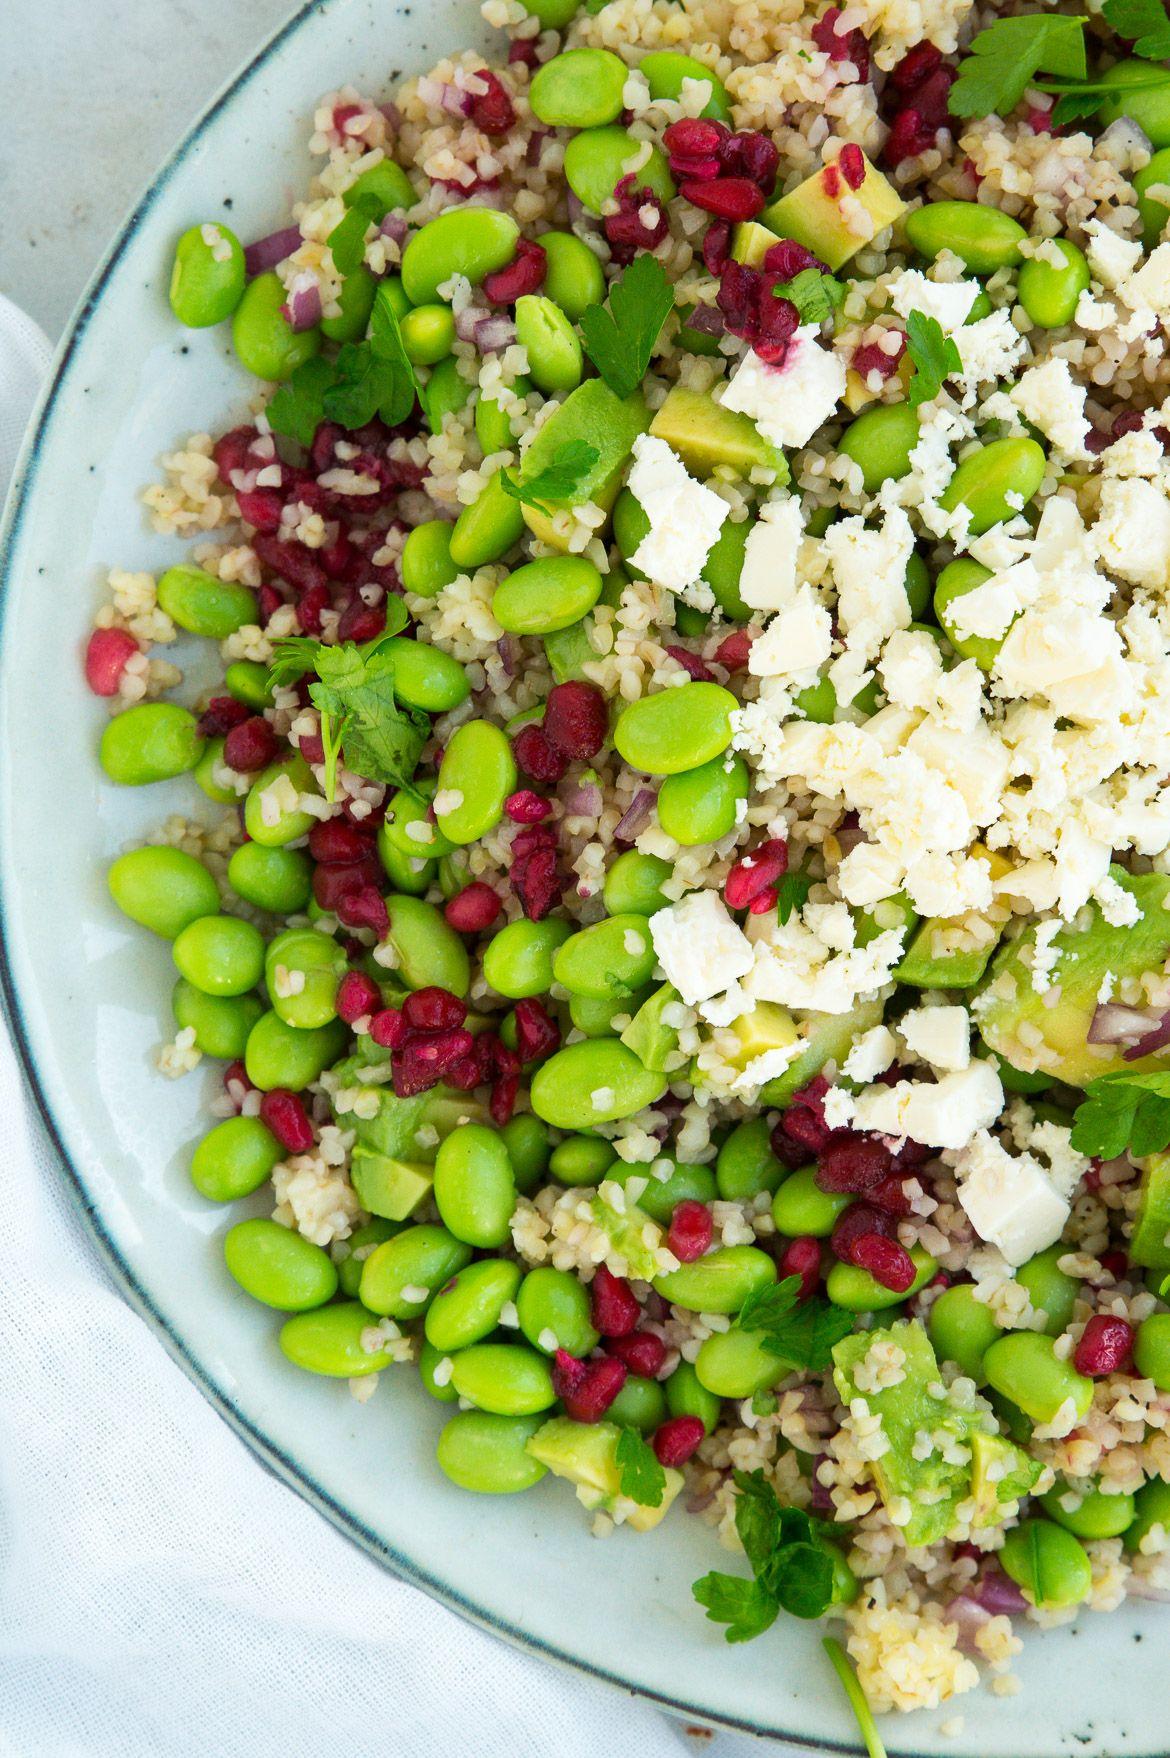 Sommersalat med bulgur, edamamebønner, granatæble og feta. Skøn og sommerlig salat, som passer ...